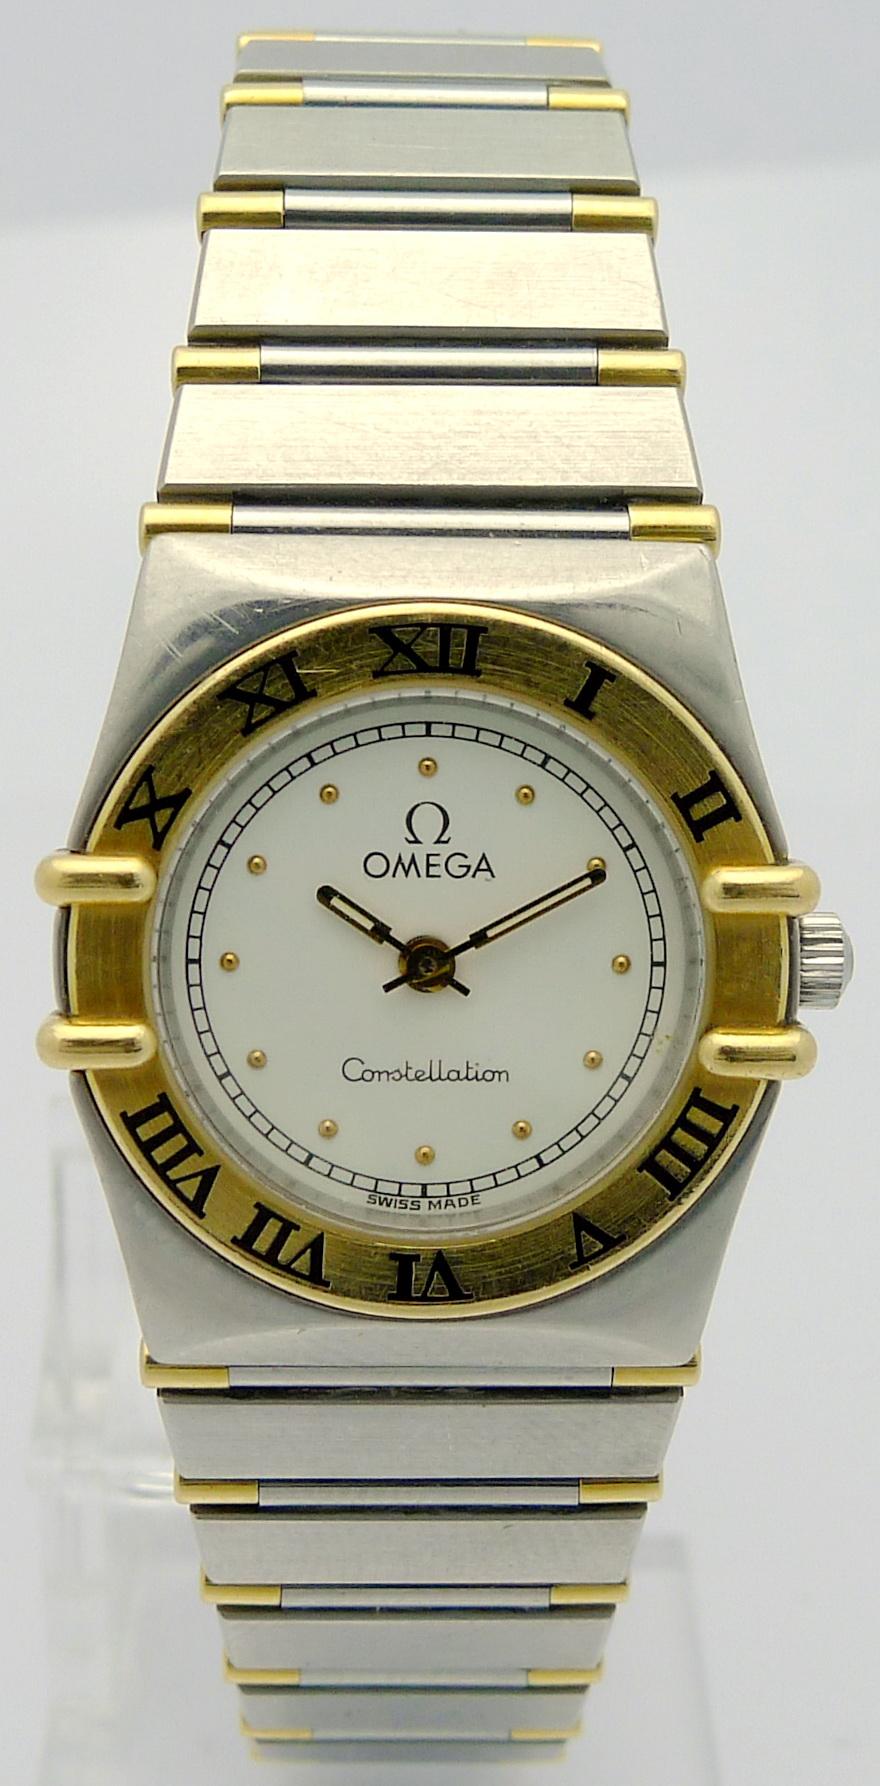 omega constellation stahl gold damen quartz armbanduhr. Black Bedroom Furniture Sets. Home Design Ideas